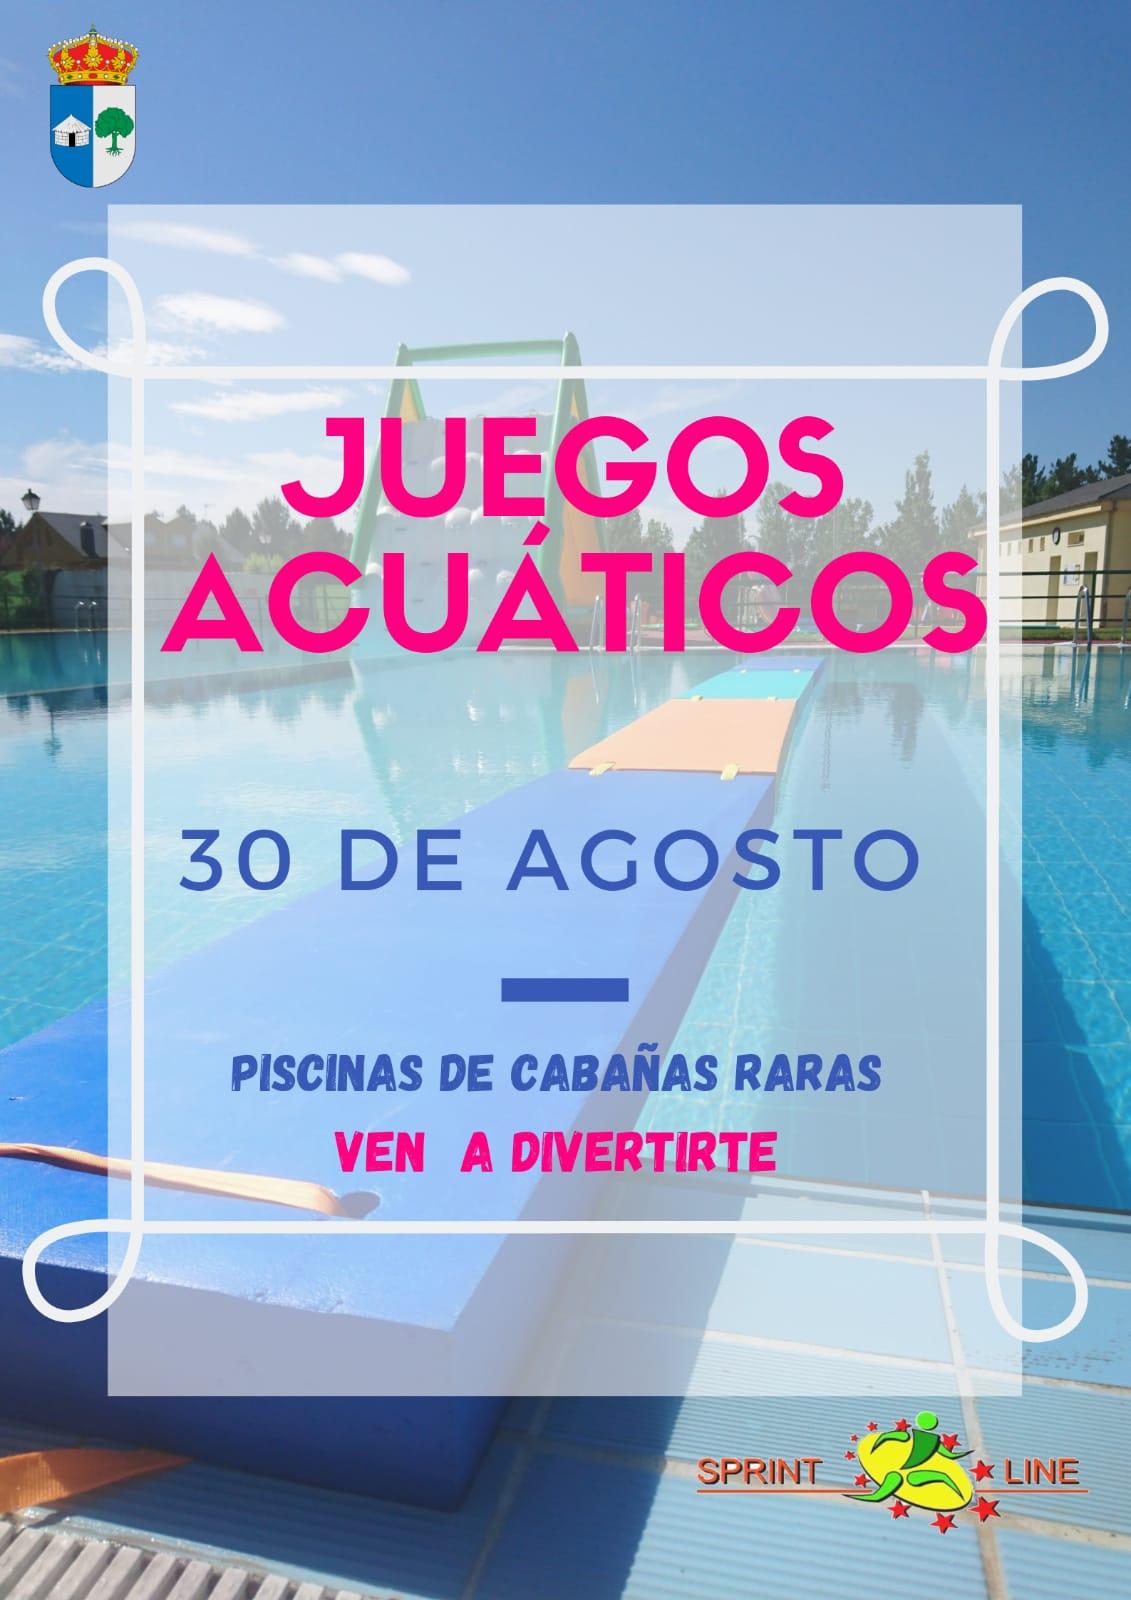 ¿Qué día cierran las piscinas de verano en El Bierzo? 8